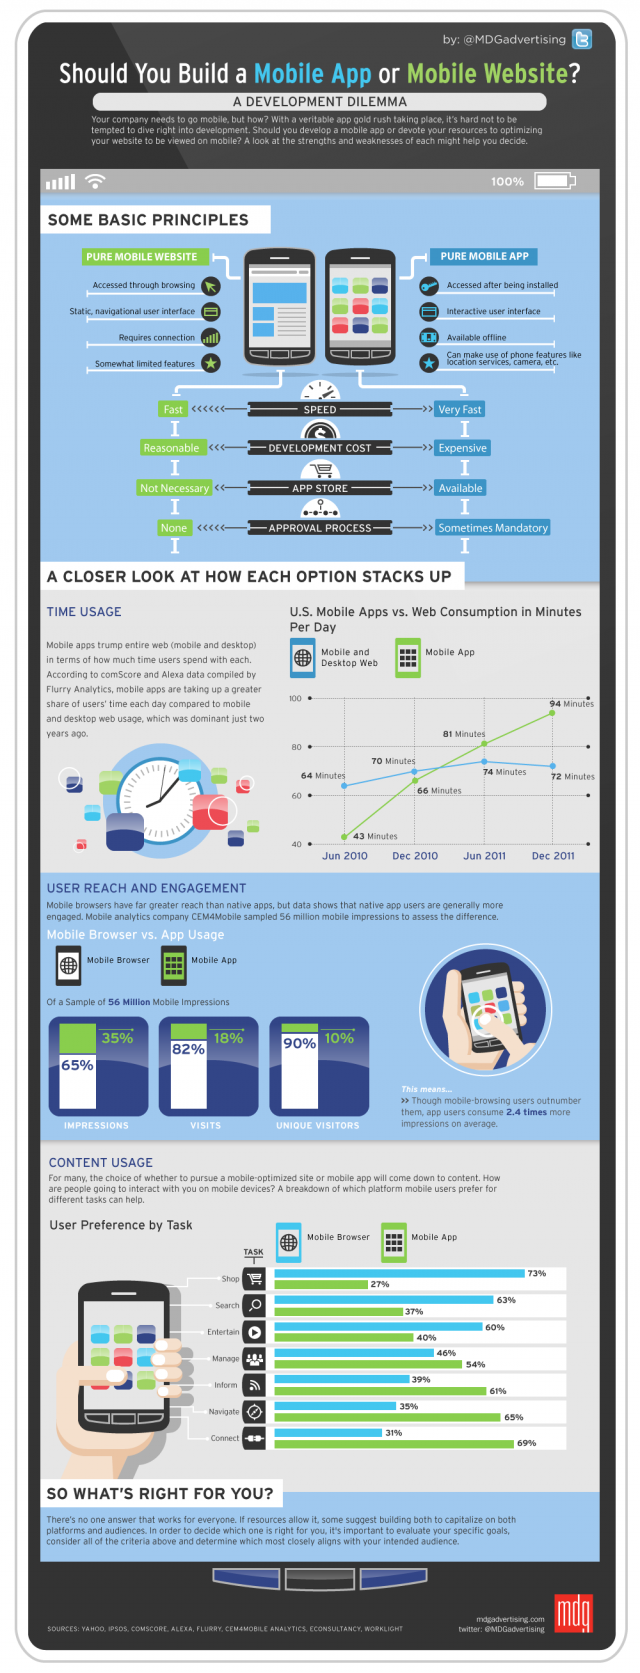 Mobile app or website?